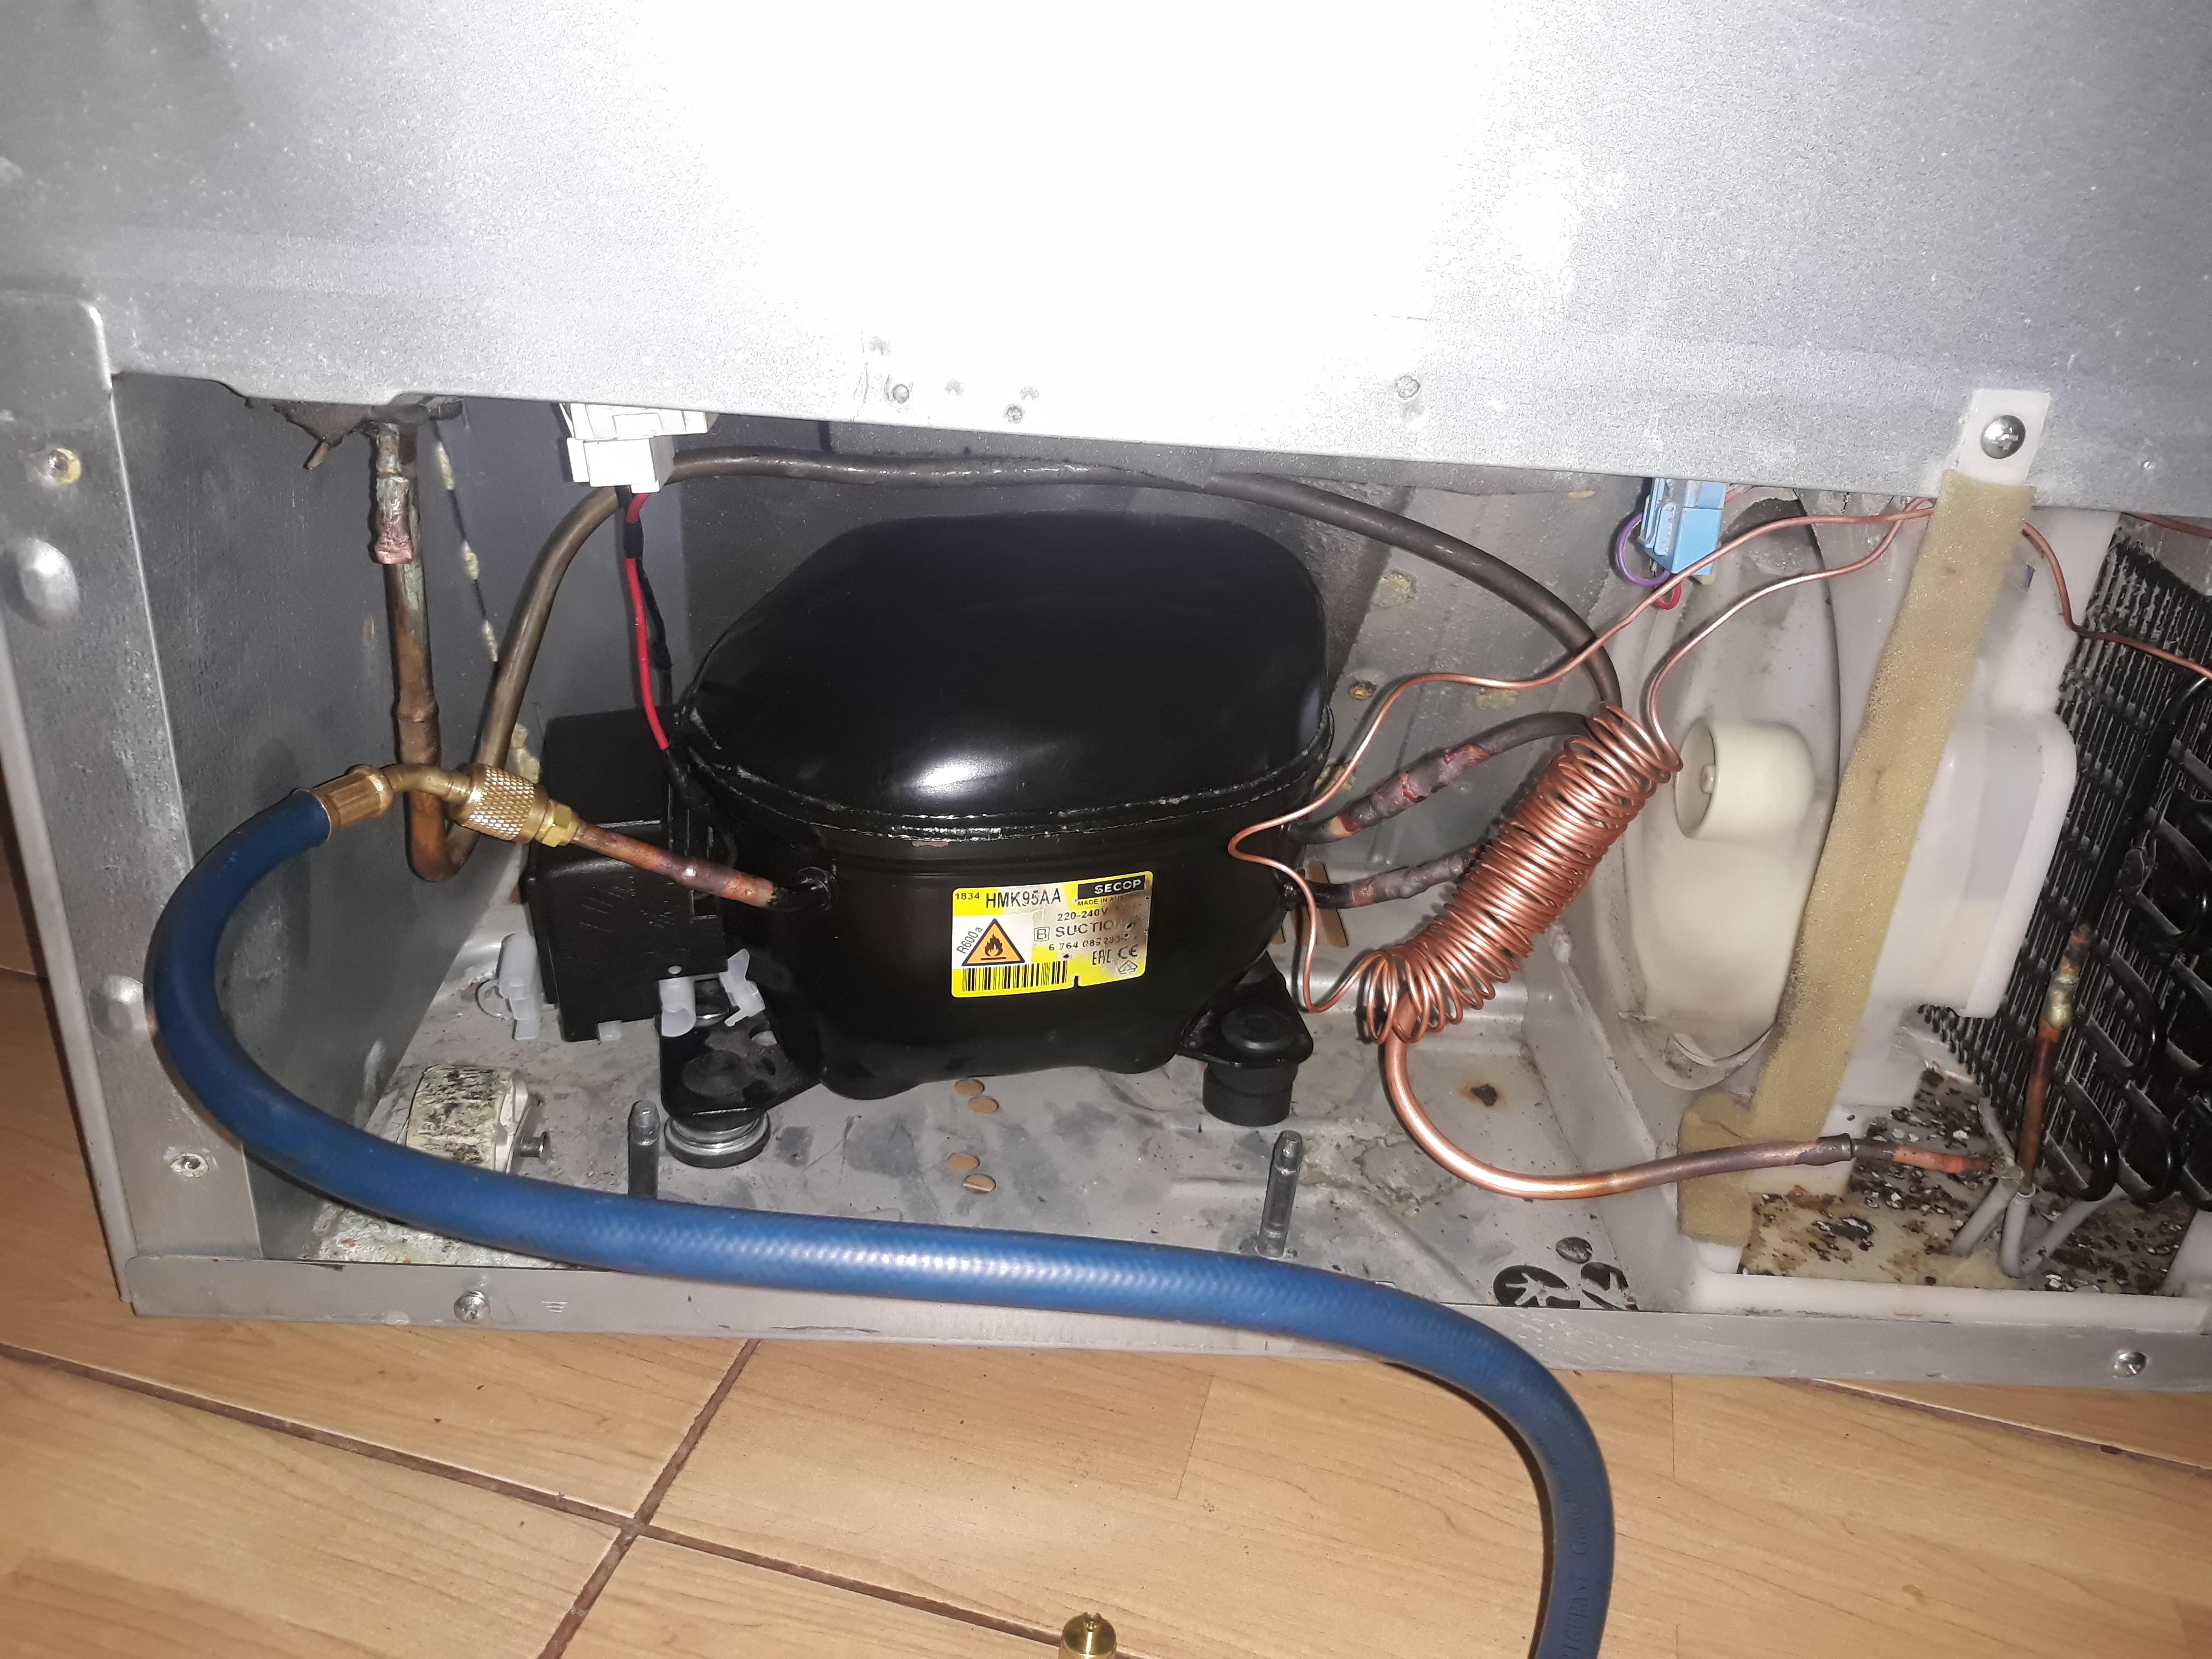 Фото Замена компрессора холодильника LG . Замена Капилярной трубки.  Перевод платы с линейного на обычный компрессор